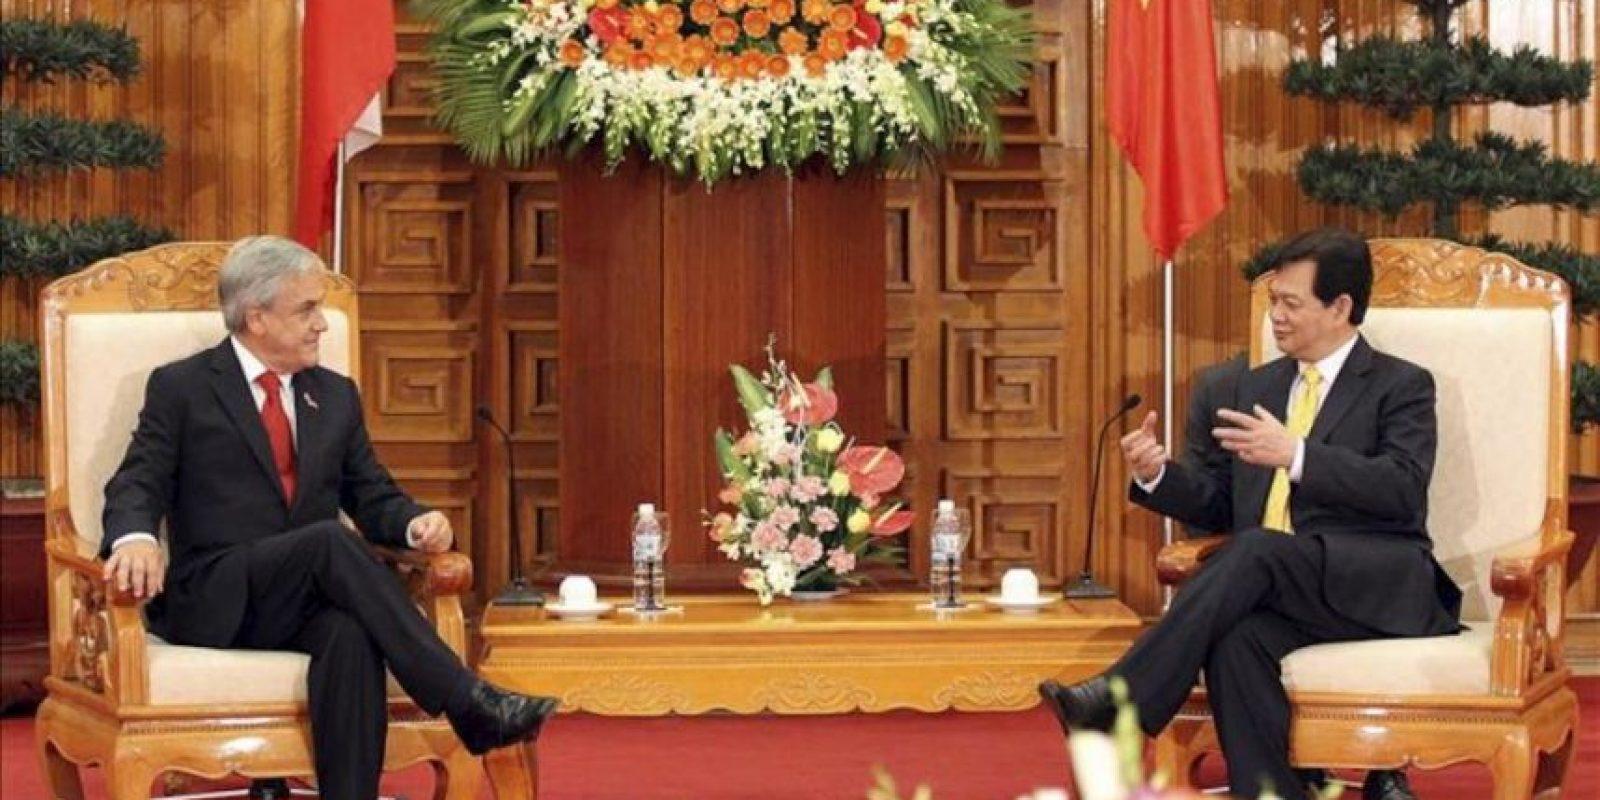 El presidente chileno, Sebastian Piñera (izda), se reúne con el primer ministro vietnamita, Nguyen Tan Dung (dcha), en la oficina del Gobierno en Hanoi (Vietnam). Piñera se encuentra en visita oficial de cinco días en el país asiático para fortalecer las relaciones bilaterales de las dos naciones. EFE